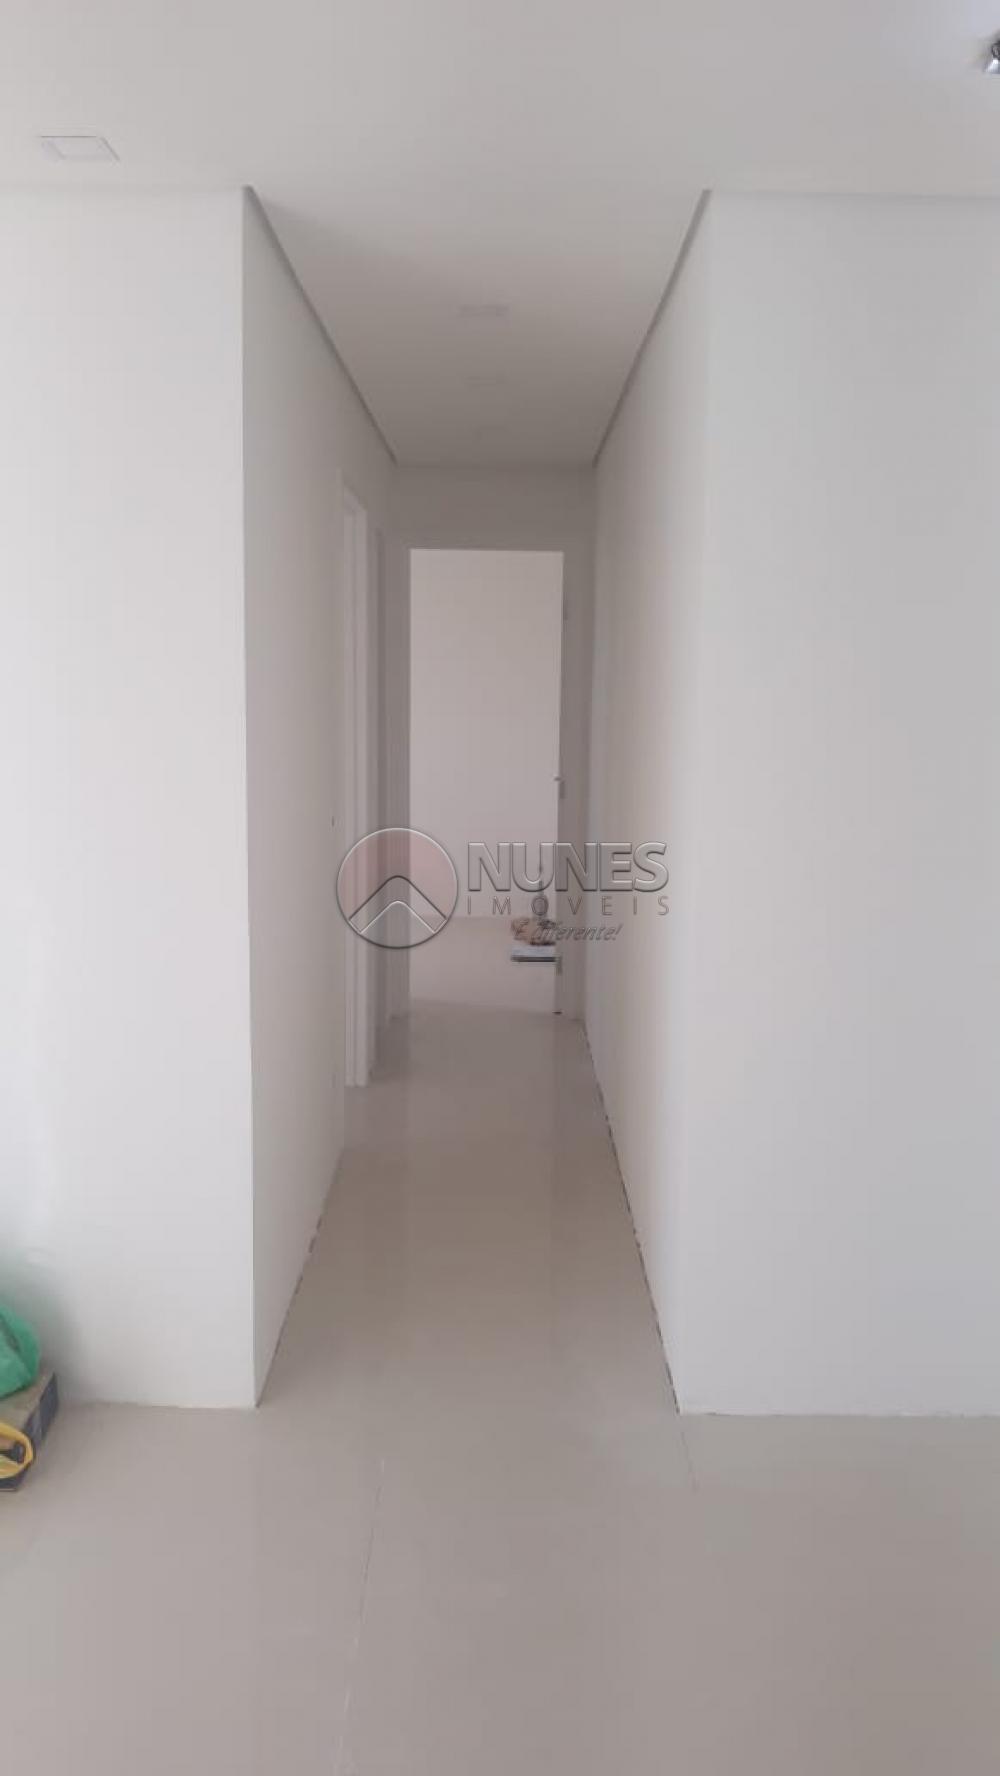 Comprar Apartamento / Padrão em Carapicuíba apenas R$ 270.000,00 - Foto 4